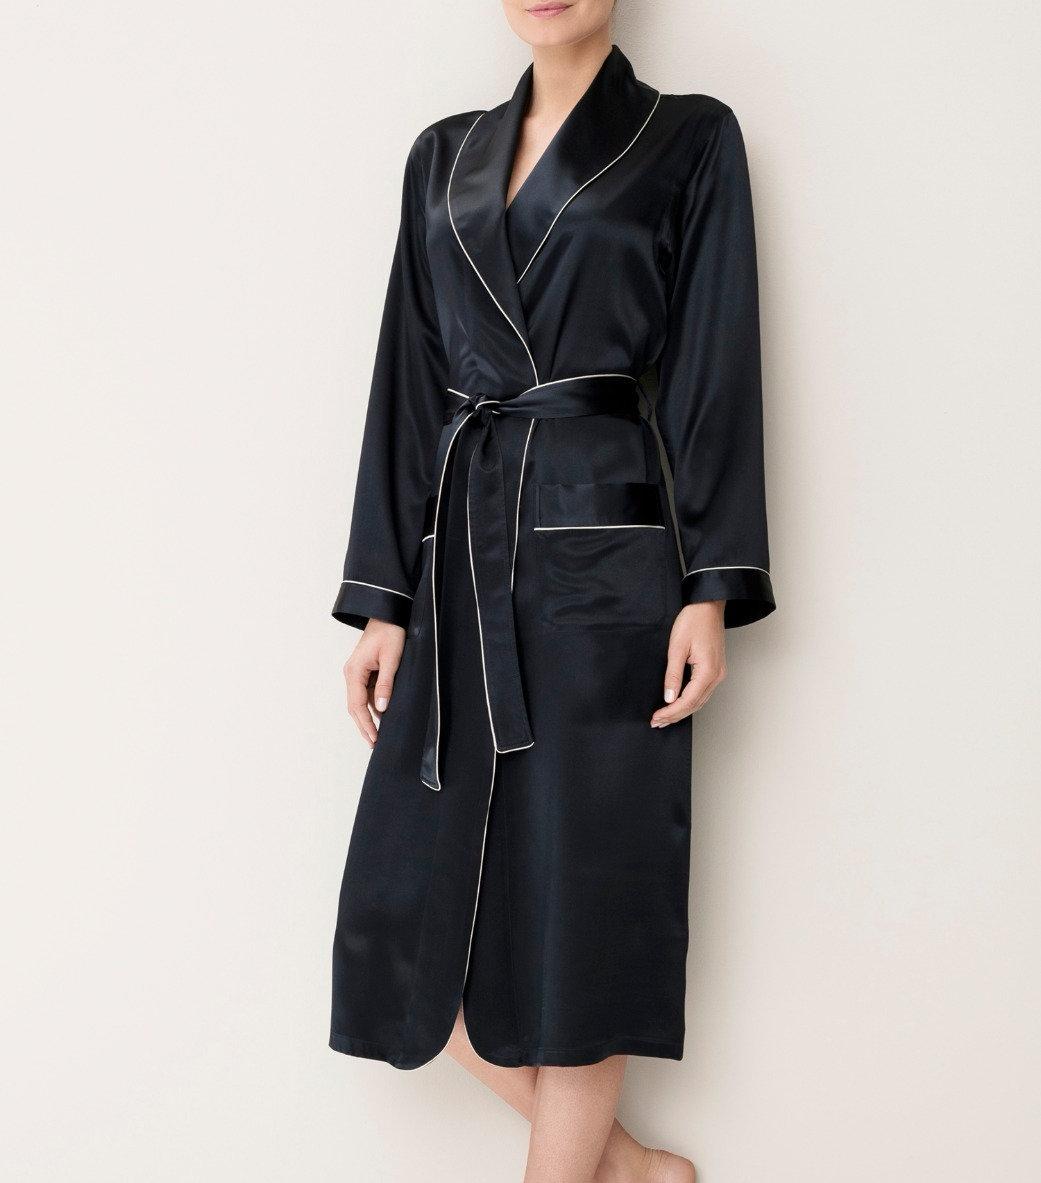 Zimmerli Silk Dressing Gown Navy 38211 Braspectrum